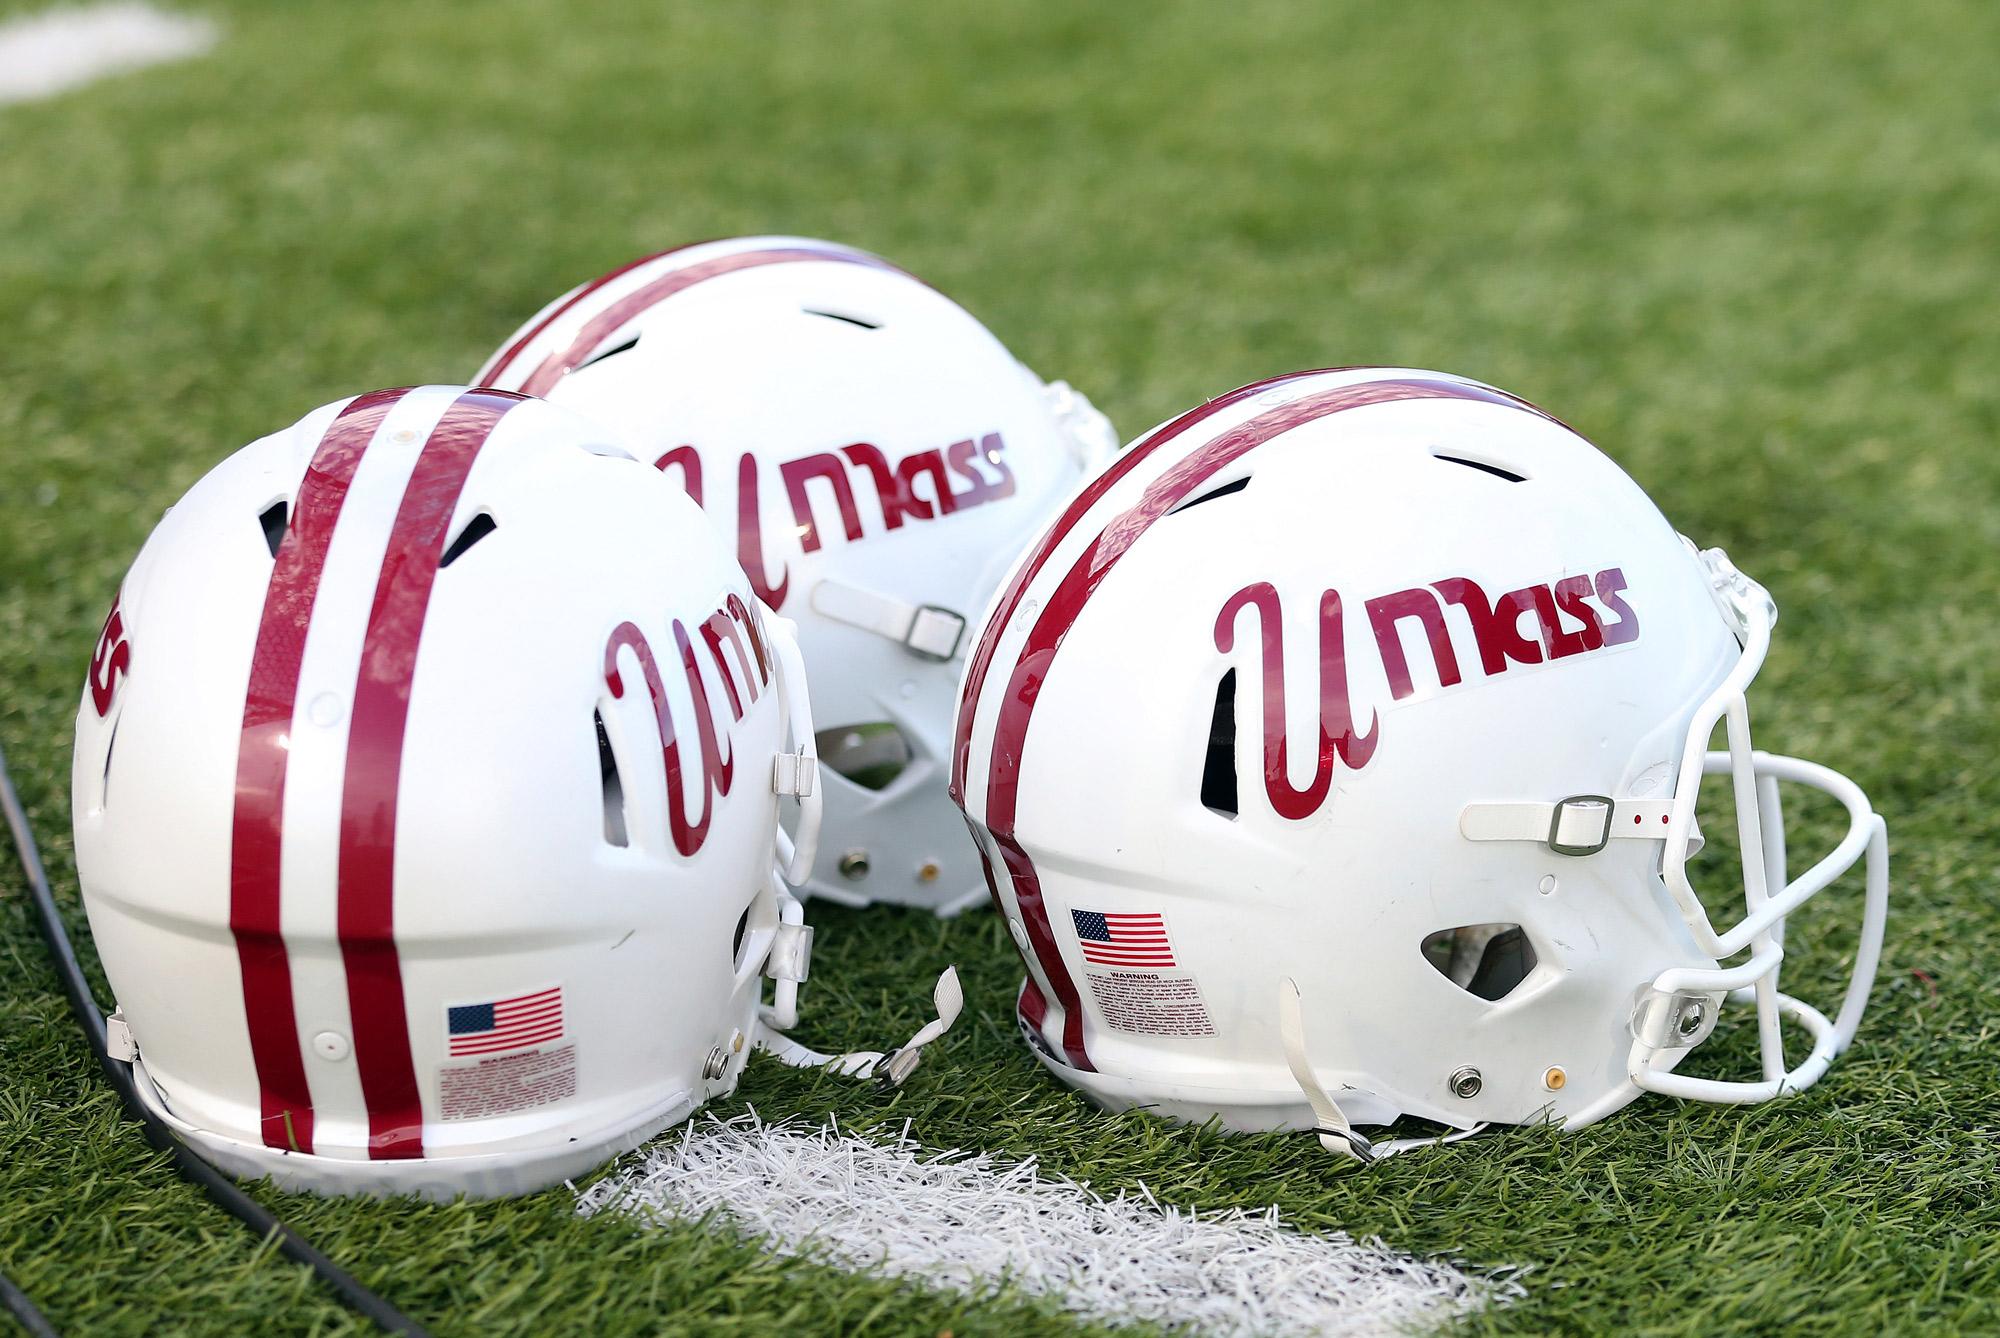 UMass Minutemen helmets sit on the ground on October 26, 2019, at Warren McGuirk Alumni Stadium in Amherst, Massachusetts.